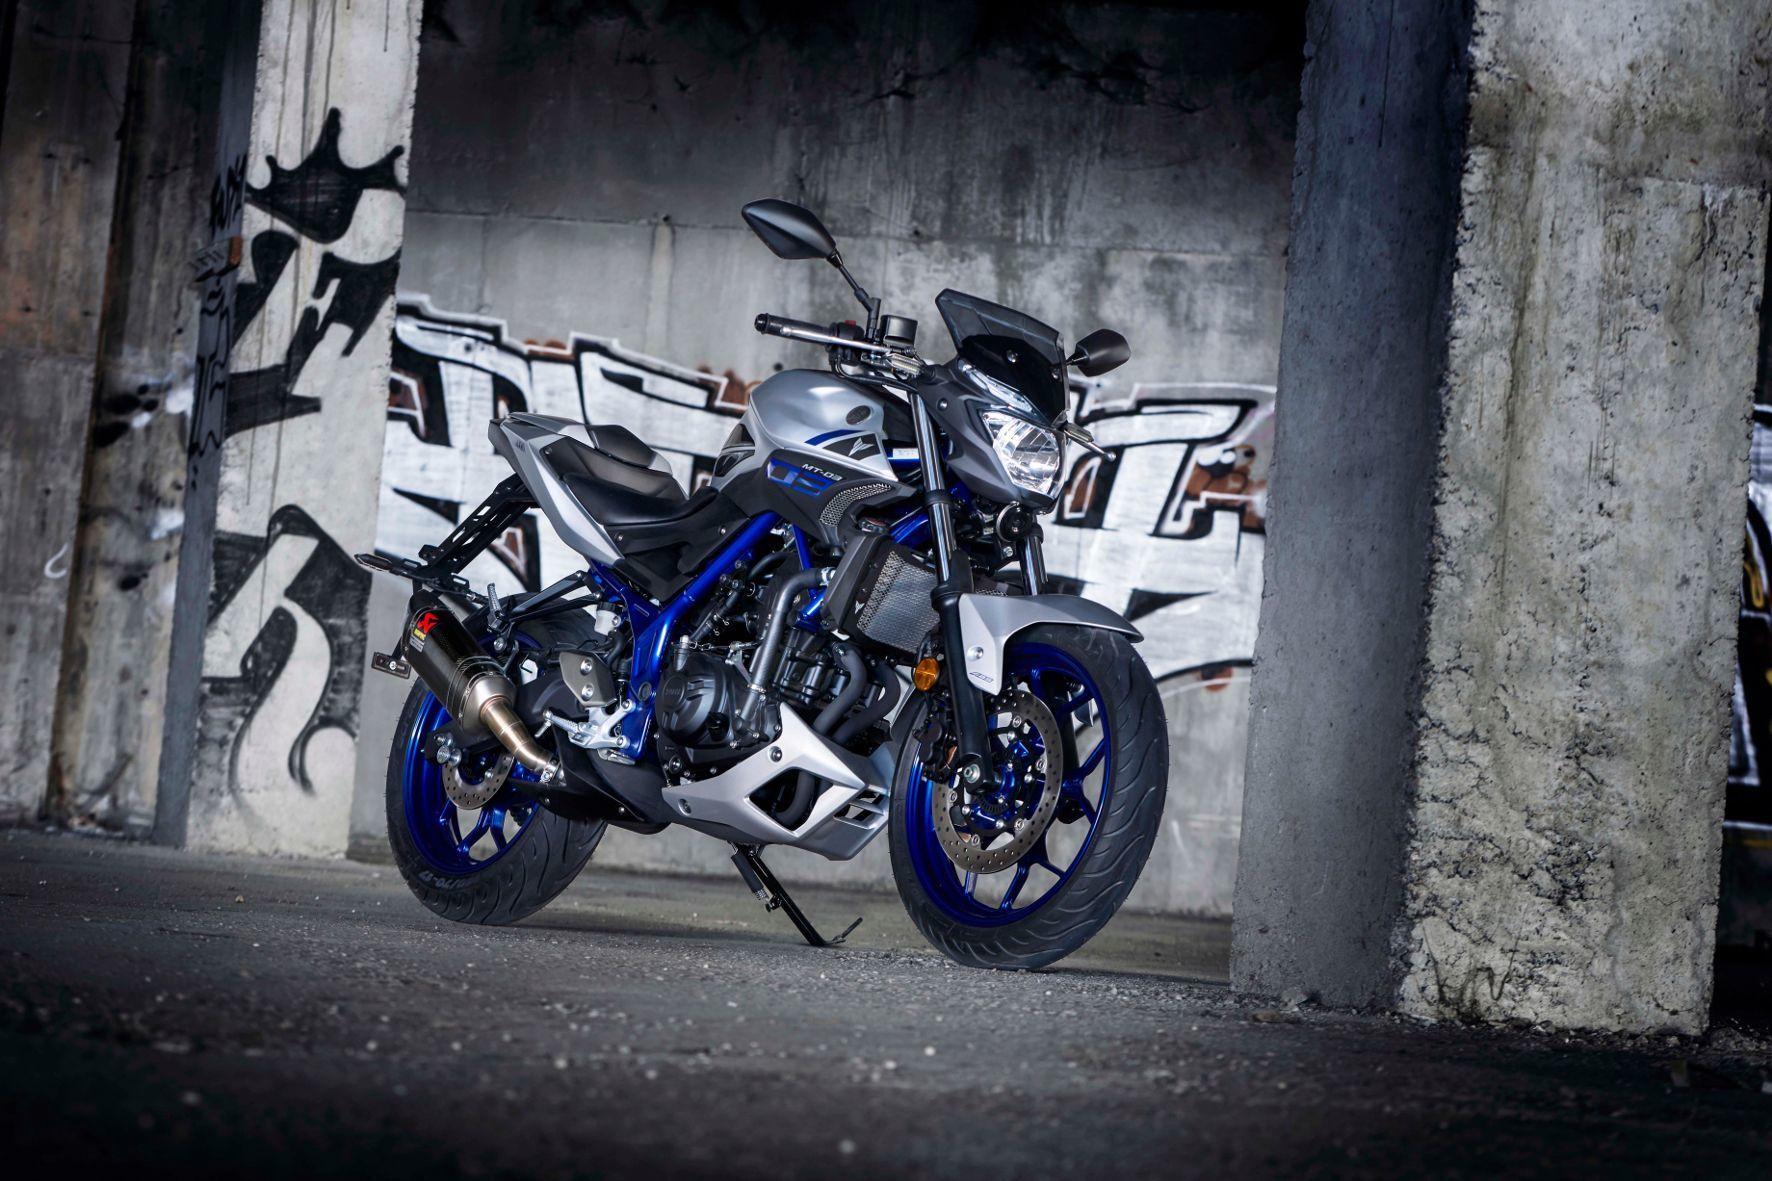 mid Groß-Gerau - Yamaha ruft Motorräder der Modelle YZF-R3 und MT-03 (Bild) in die Werkstätten.